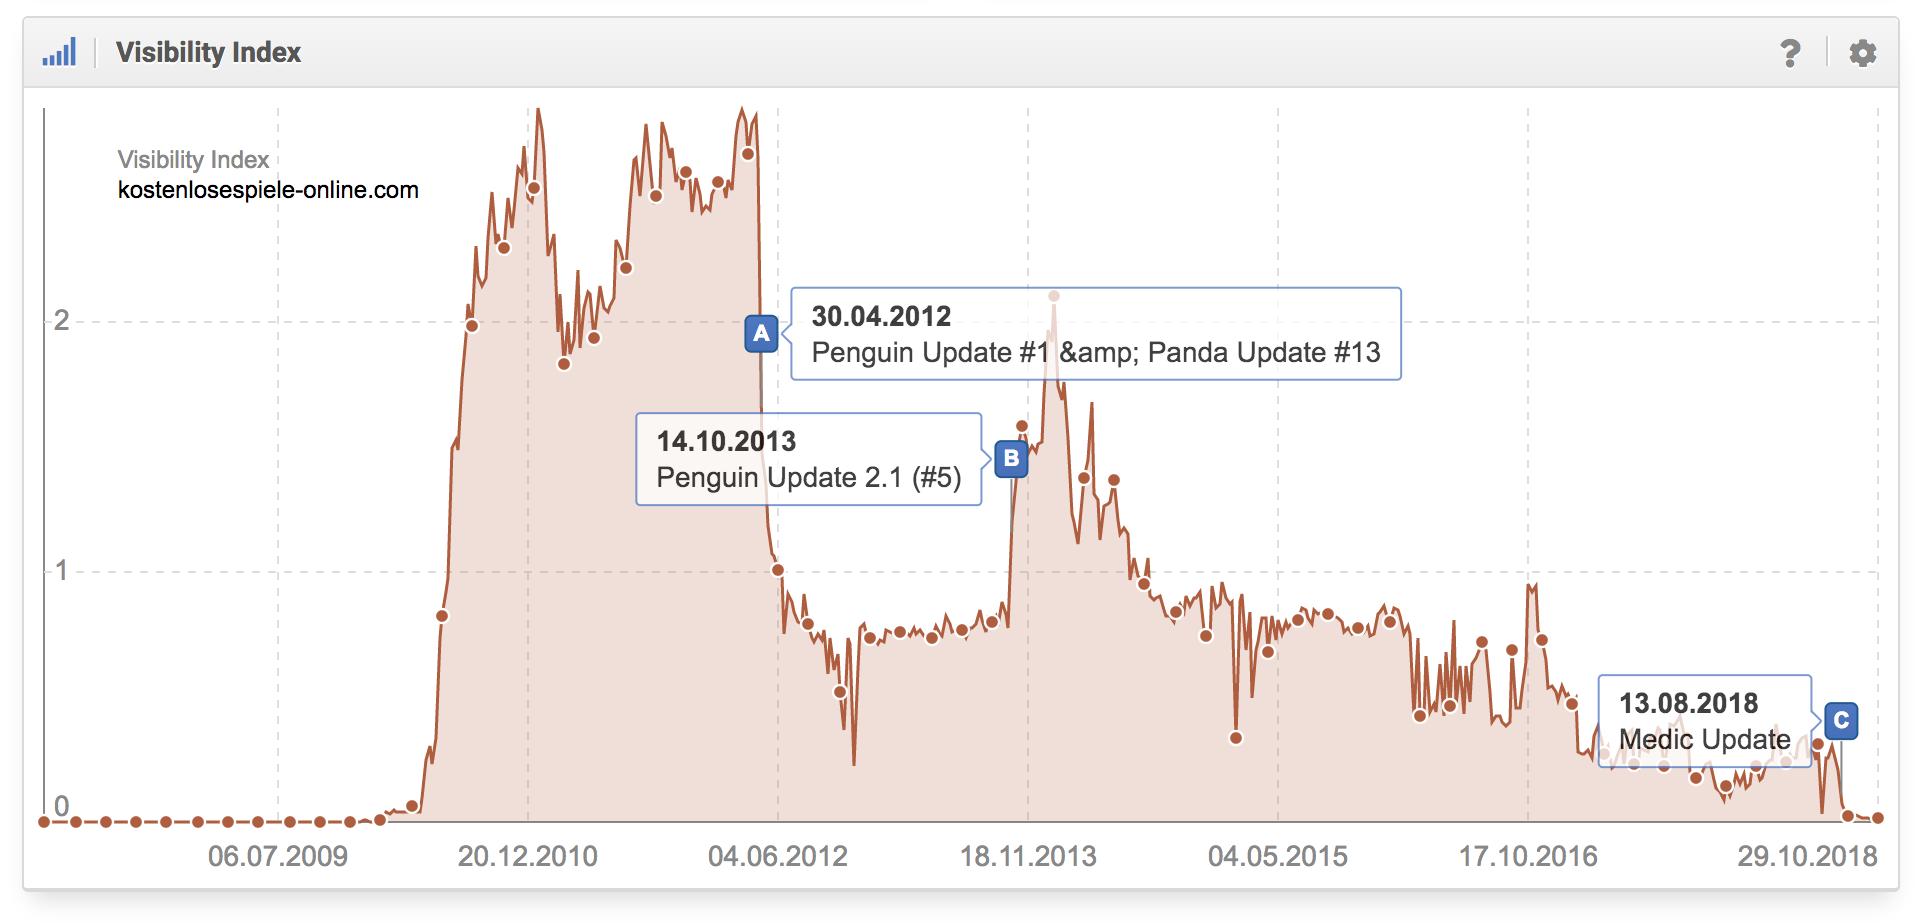 Histórico del índice de visibilidad del dominio kostenlosespiele-online.com en google.de donde se aprecia que el dominio fue afectado por Penguin Update de Google